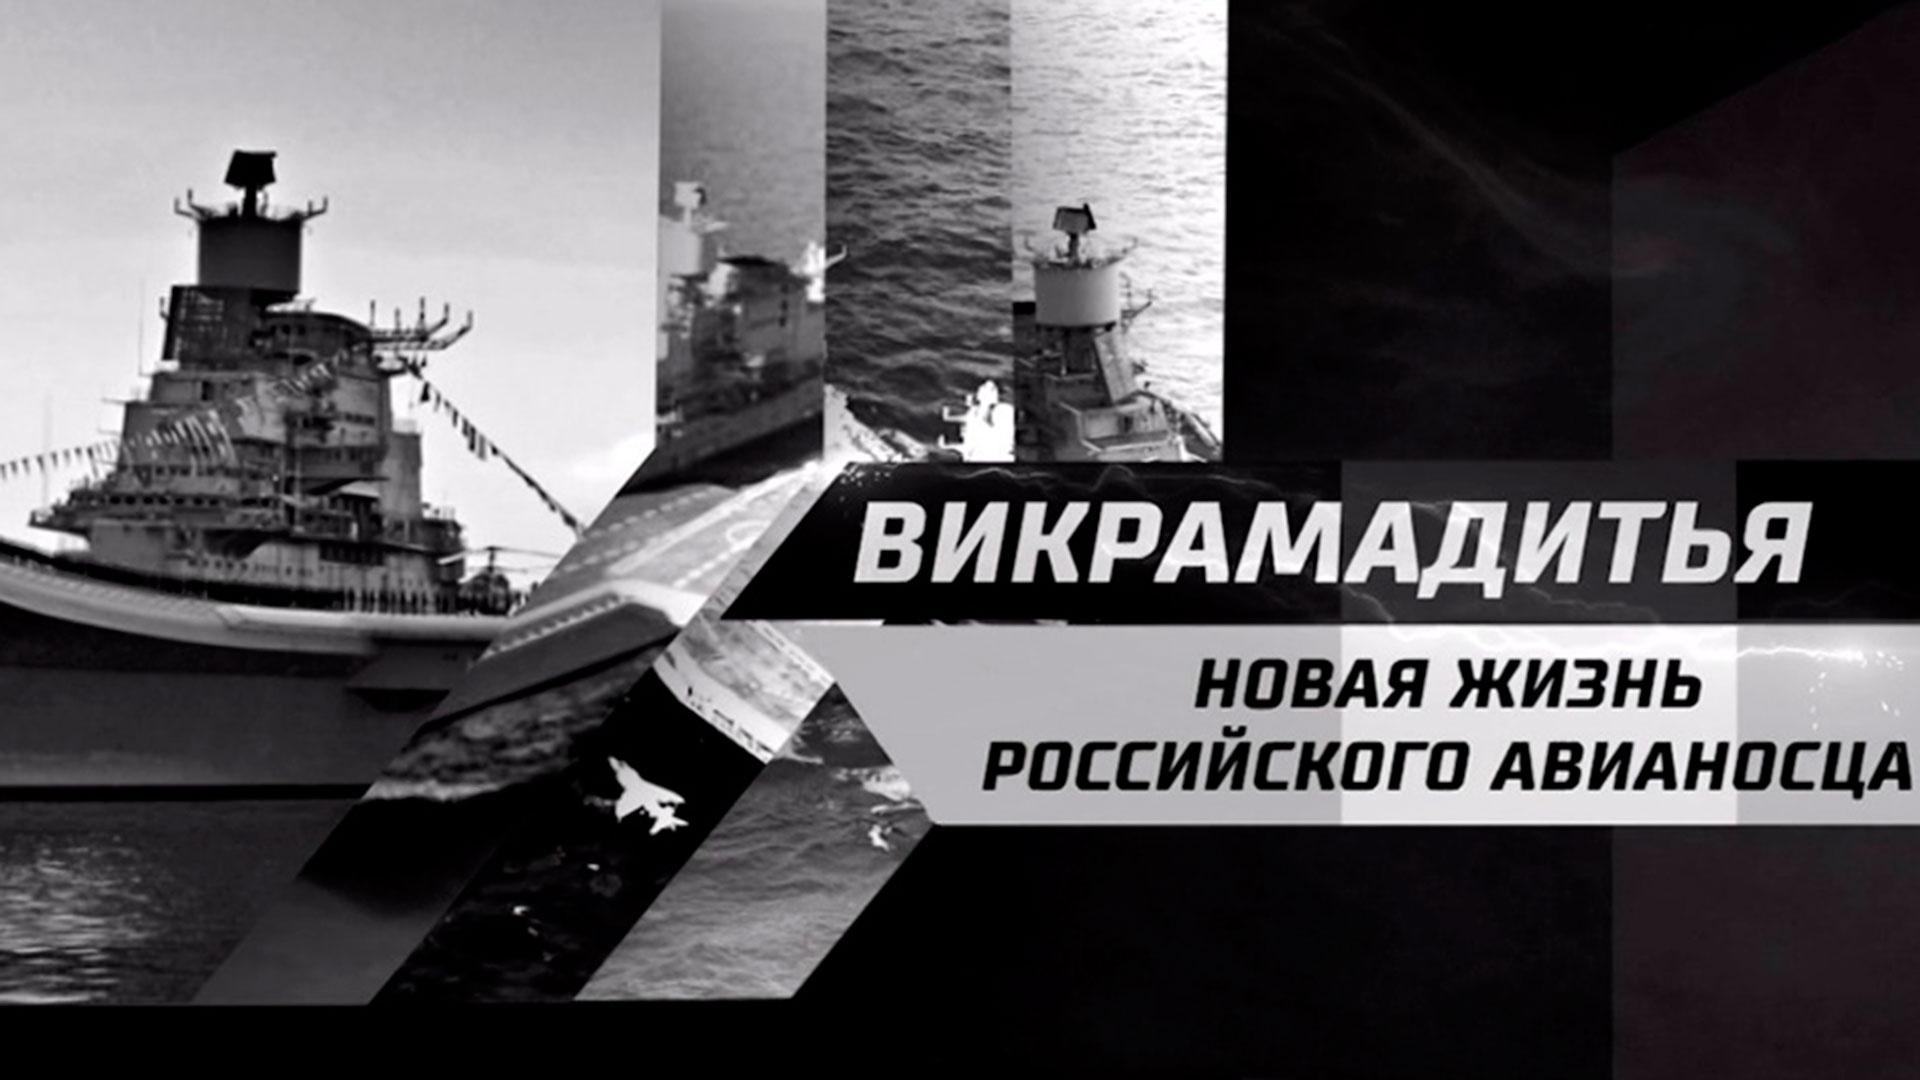 Д/с «Сила сотрудничества». «Викрамадитья. Новая жизнь российского авианосца»